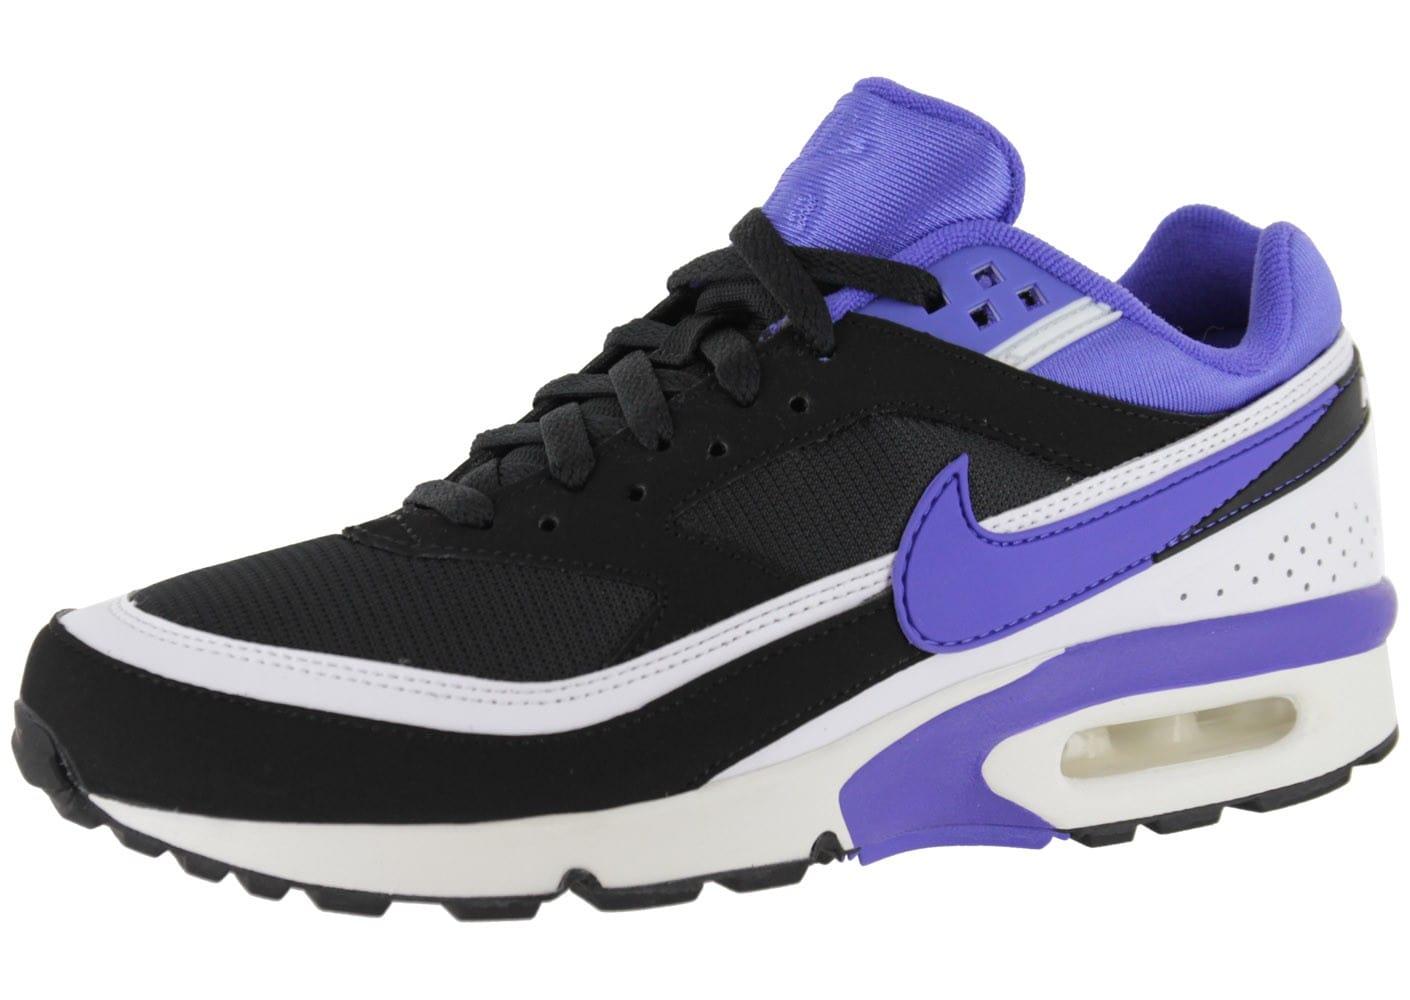 new style de3ec ba01f Prix de gros air max classic France vente en ligne, toutes les gammes de  chaussures Nike pour hommes et femmes outlet pas cher. Livraison rapide et  garantie ...